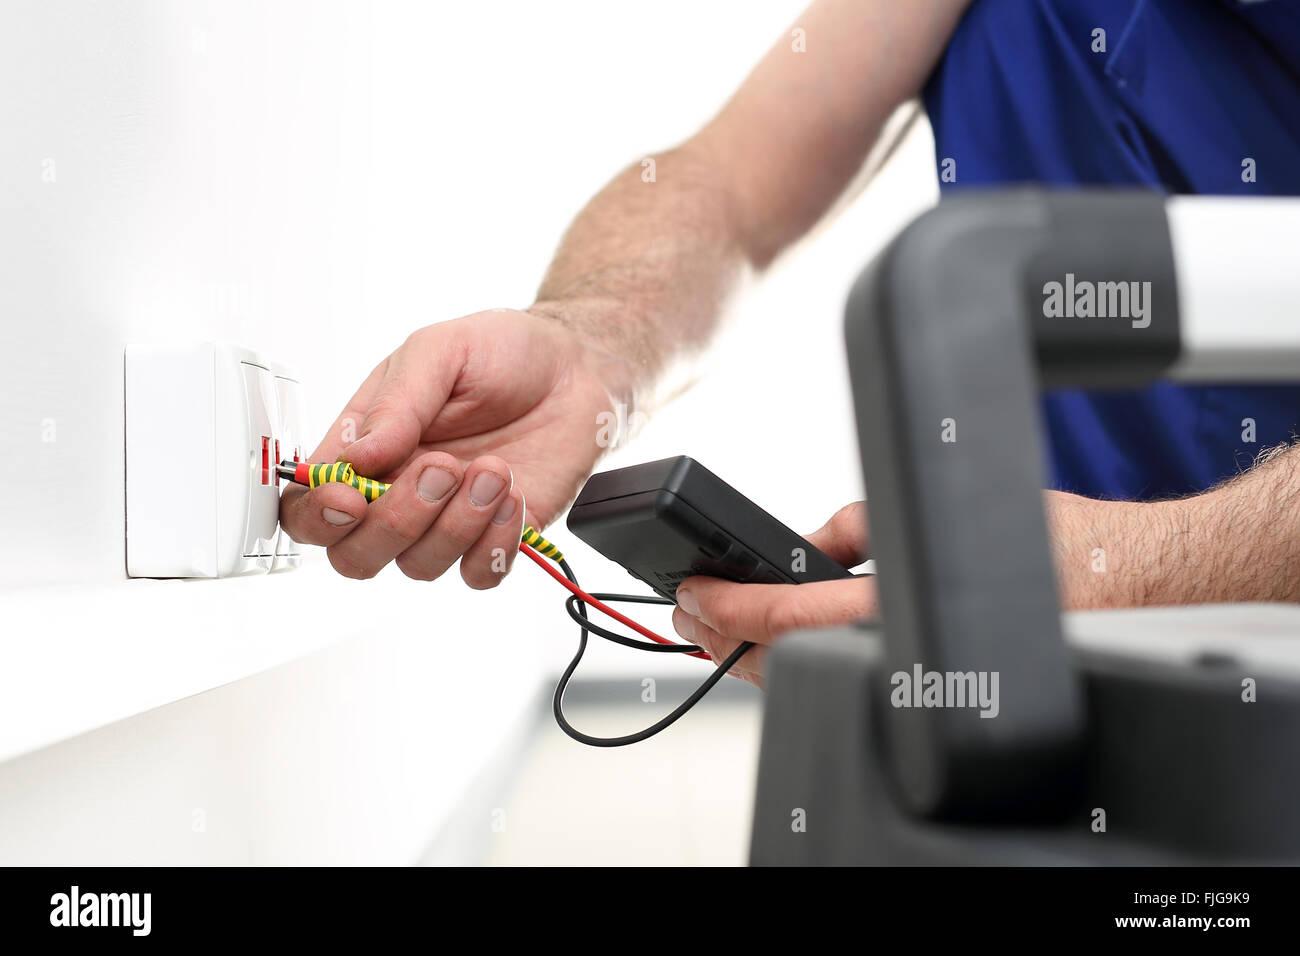 Elektriker. Installation von Internet. Installation von der Steckdose. Man steigt in eine elektrische Steckdose, Stockfoto